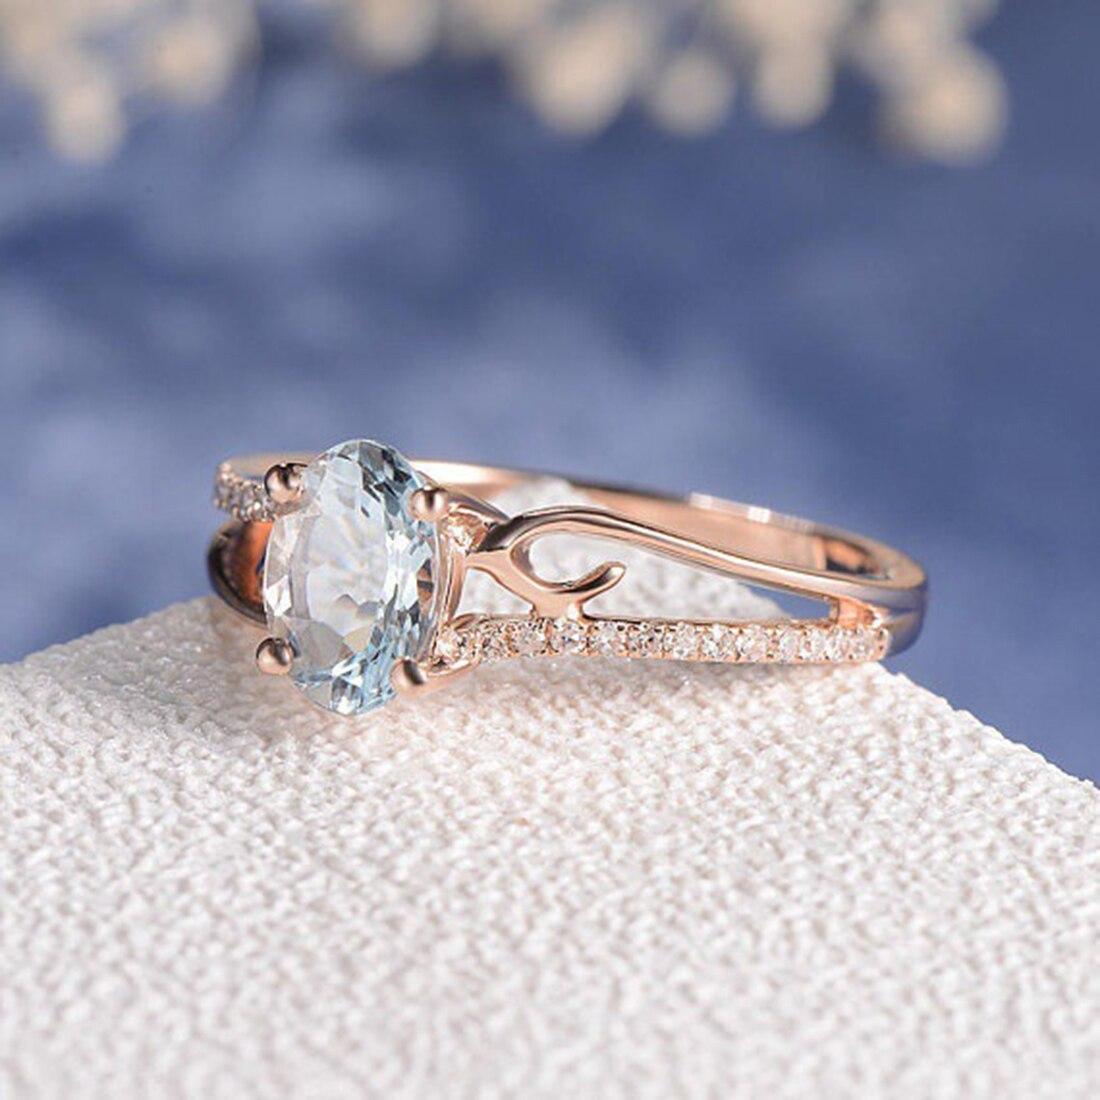 2018 Neue Blau Stein Ring Rose Gold, Verlobung, Hochzeit Ringe Für Frauen Mode Schmuck